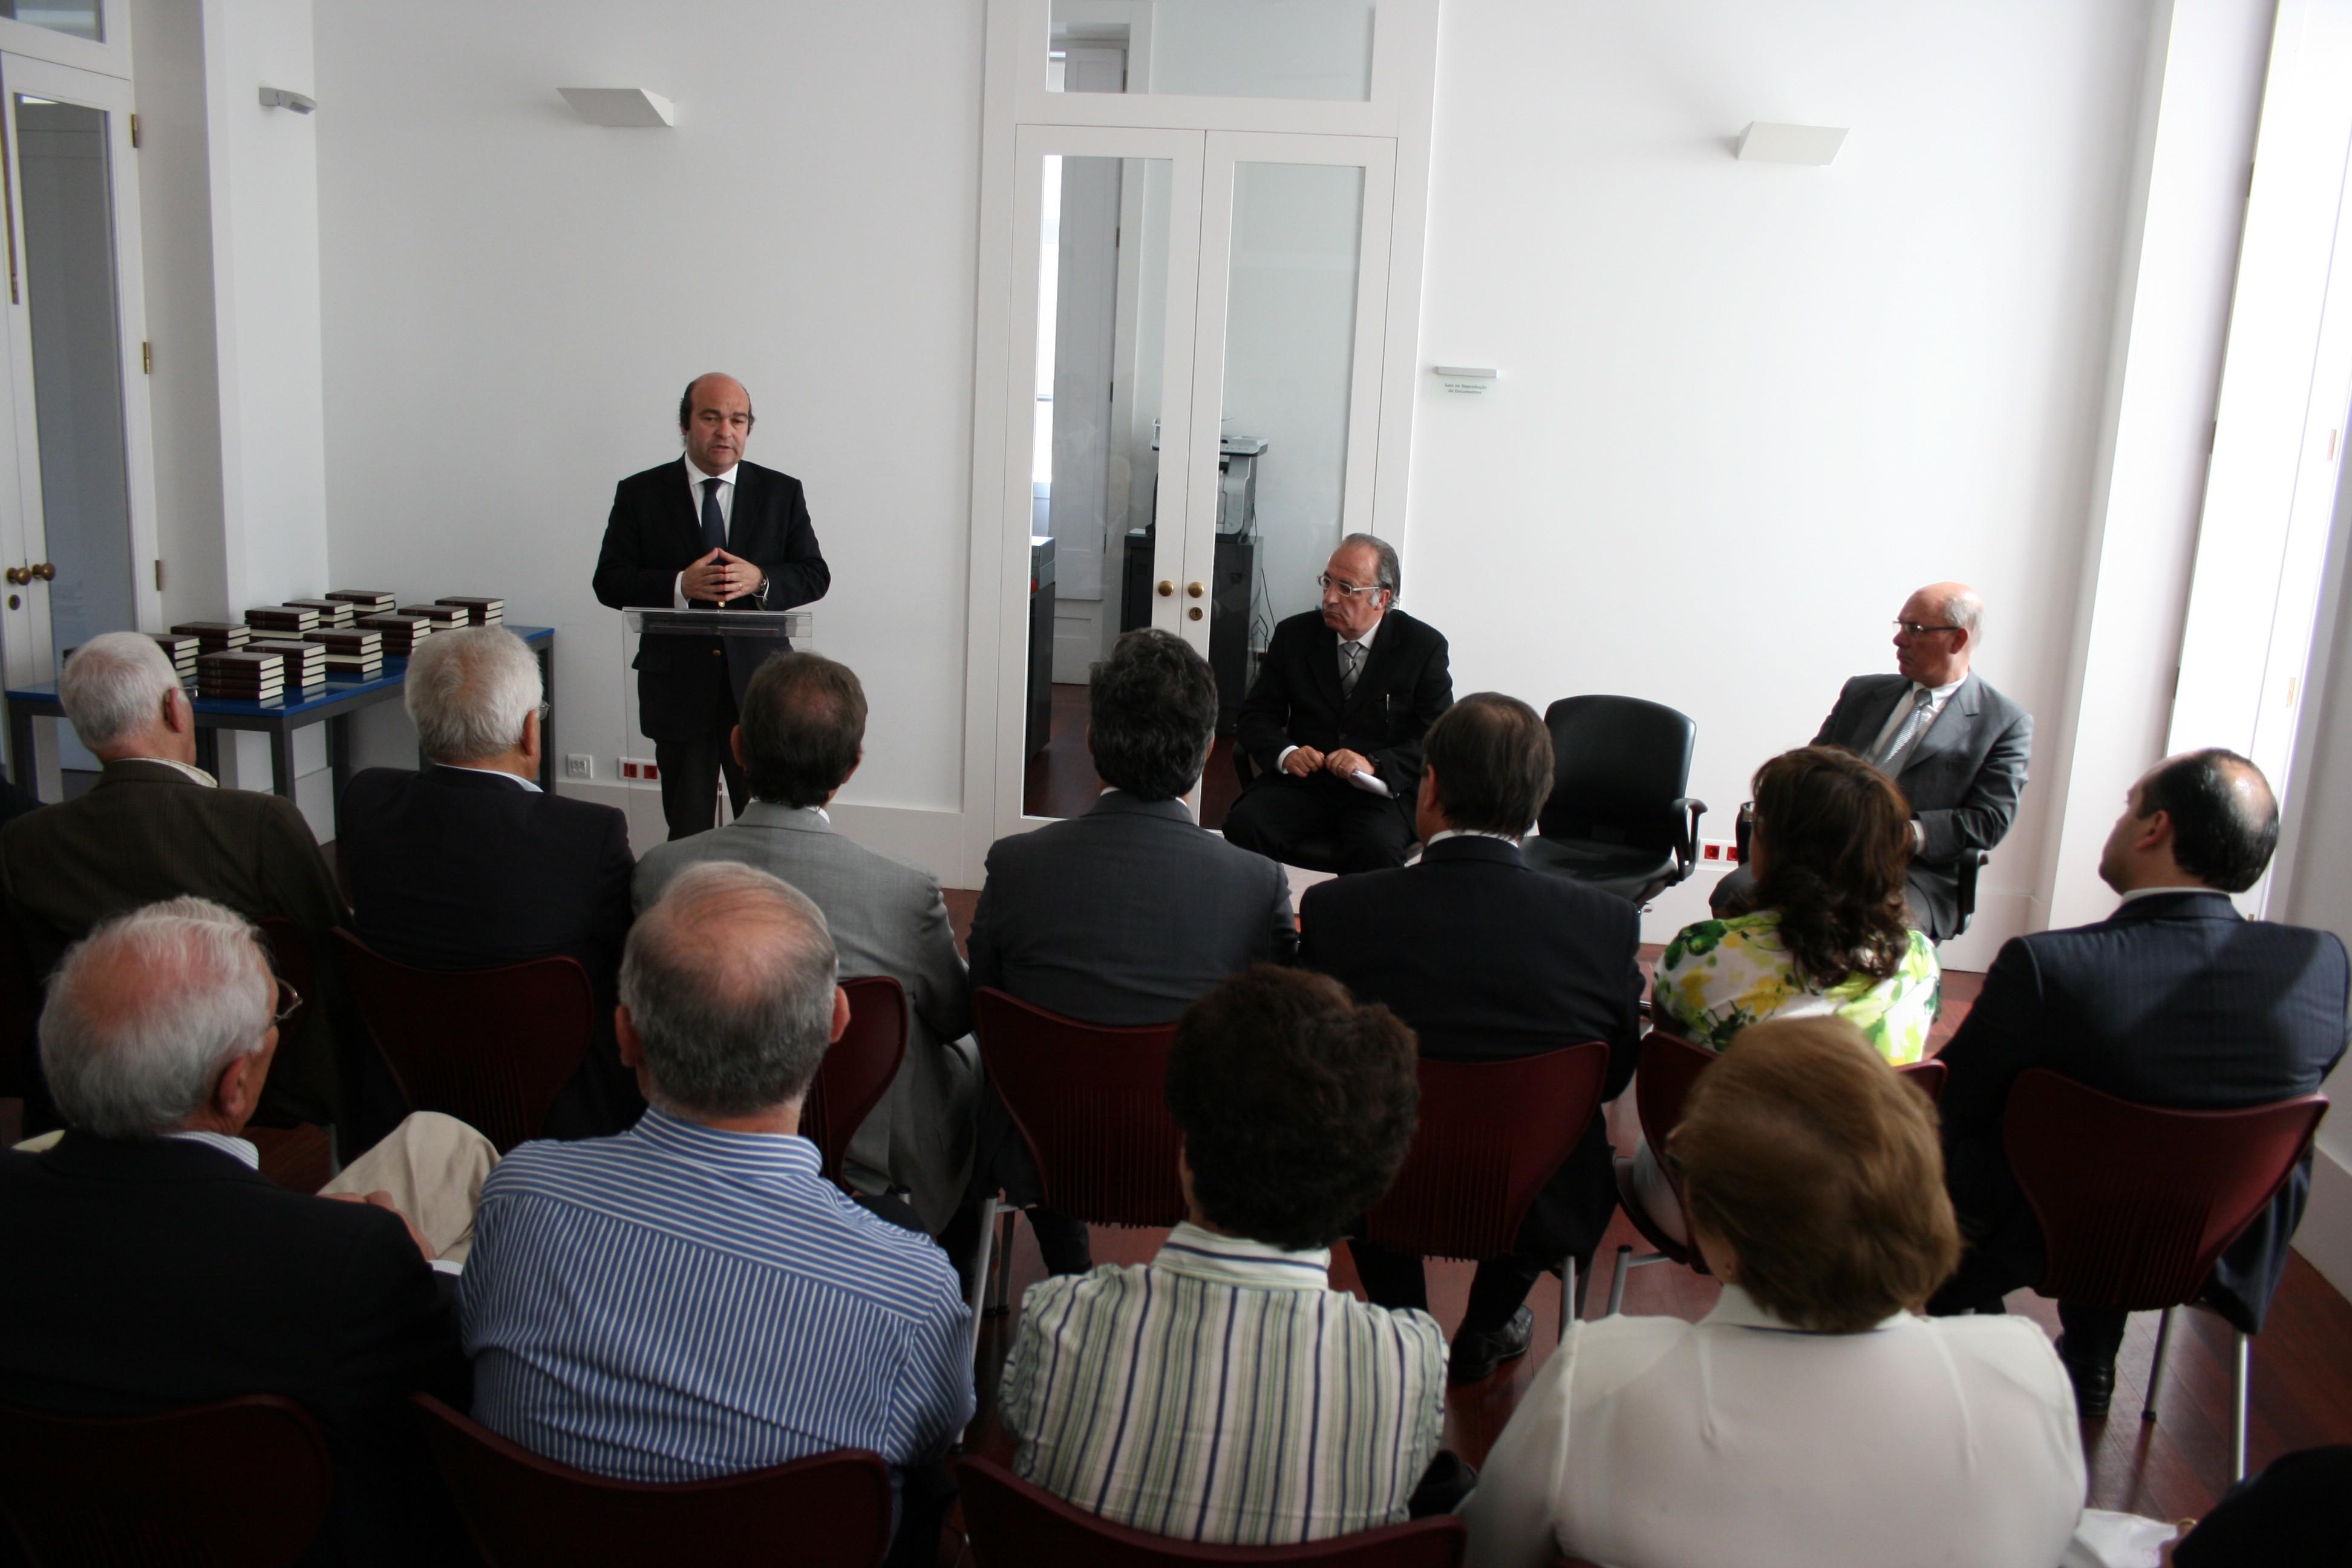 A evocação do passado, associada às capacidades dos oliveirenses, foram exaltadas no 27º aniversário de elevação de Oliveira de Azeméis a cidade